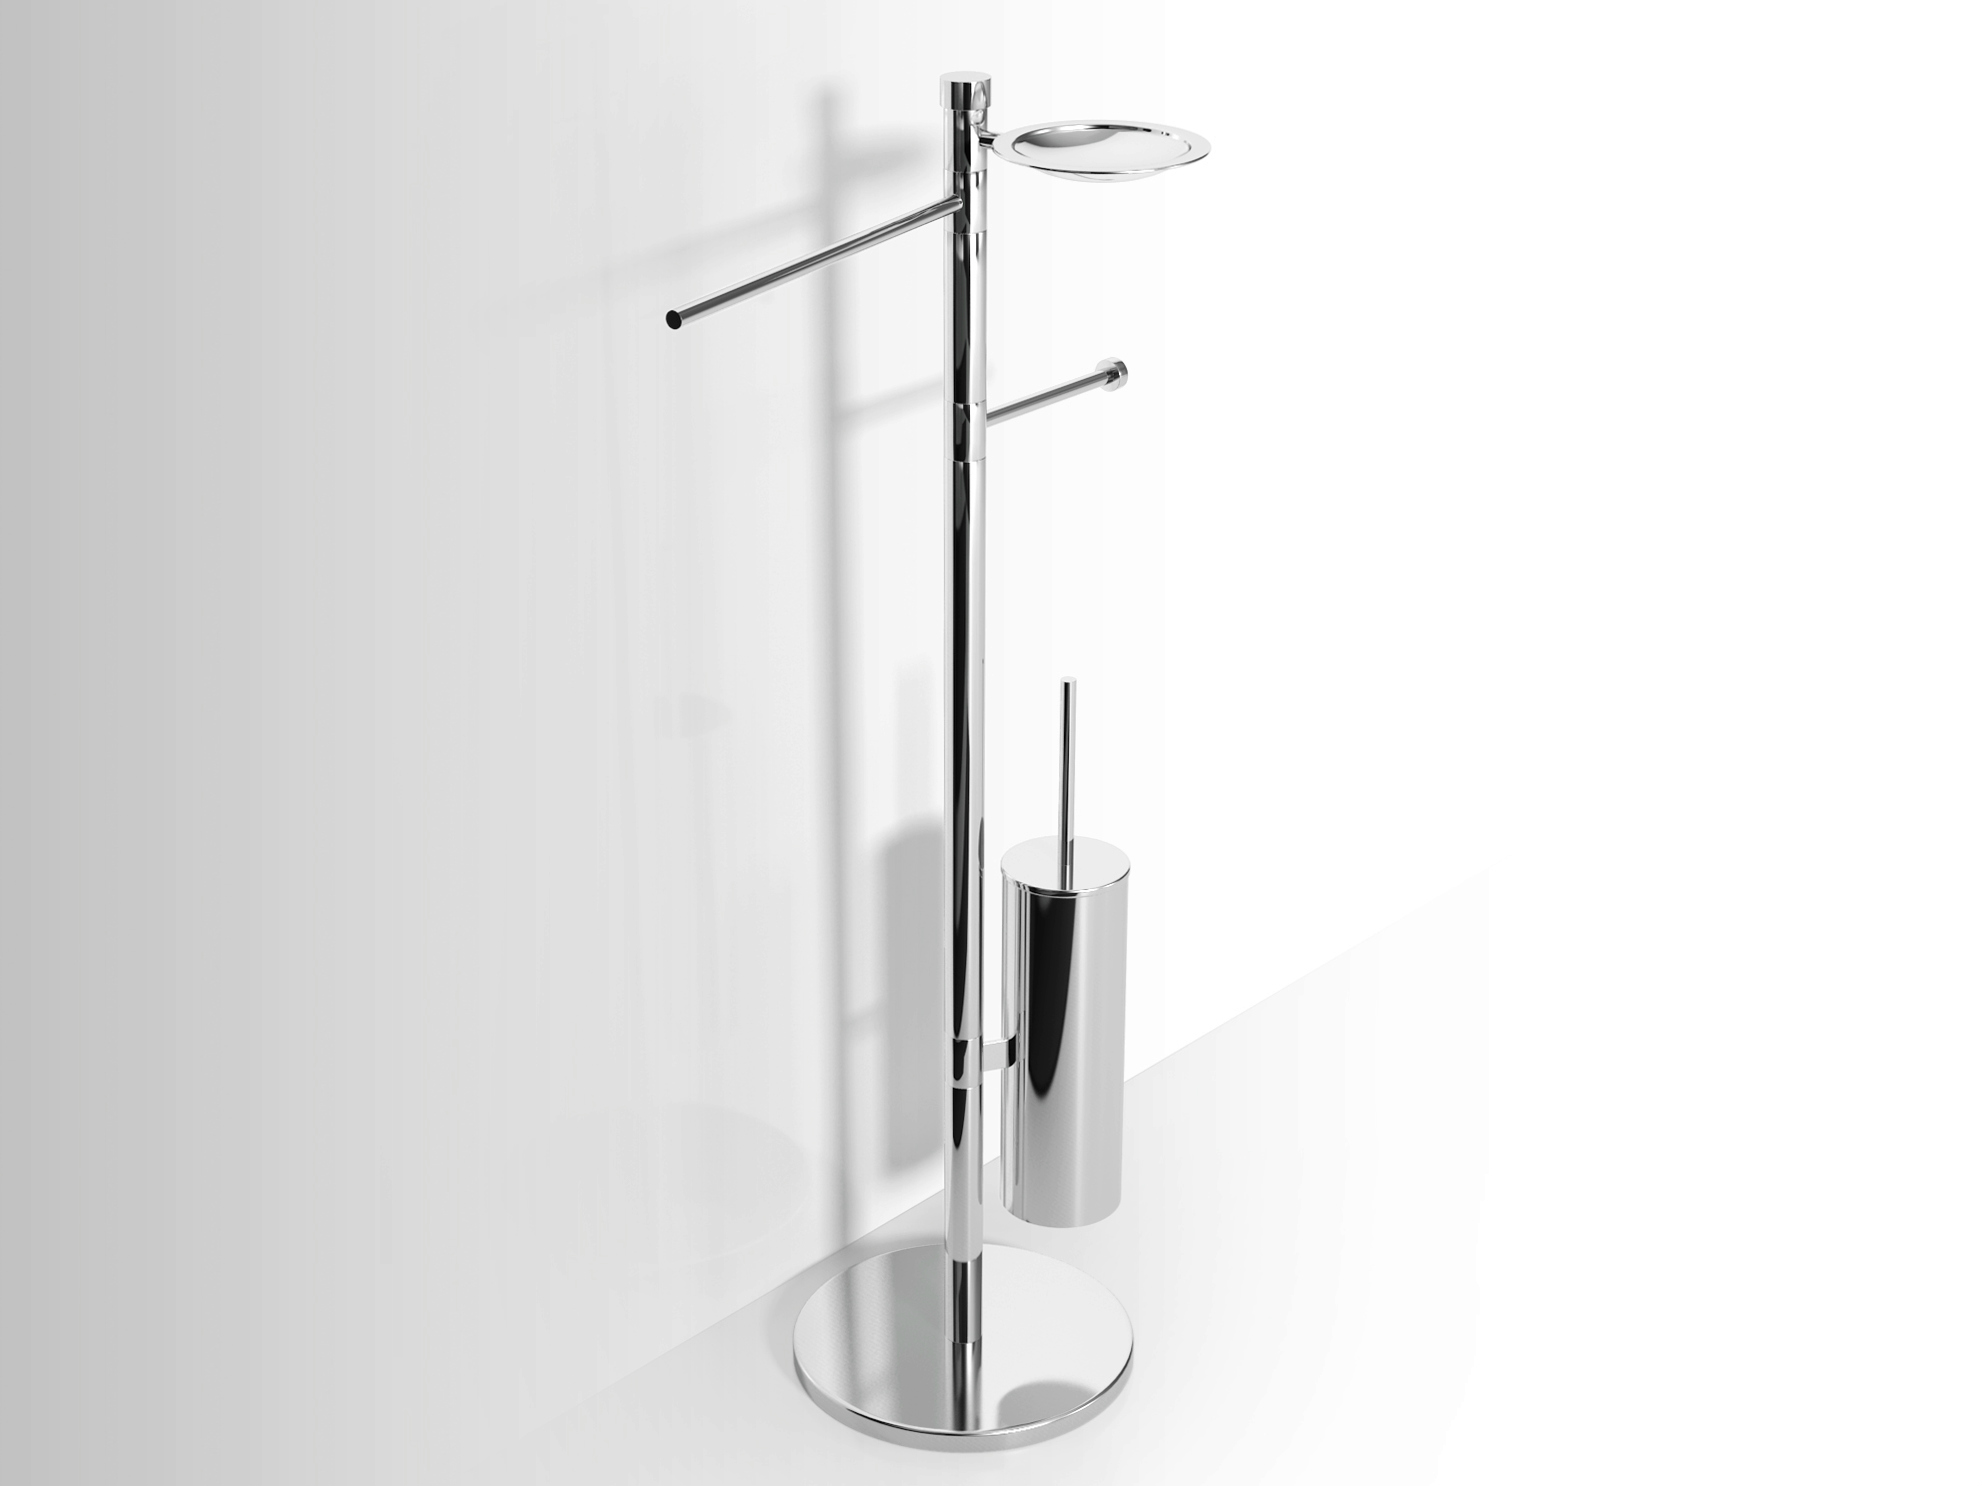 Portarotolo igienica da terra ikea ispirazione di design - Portarotolo bagno ...